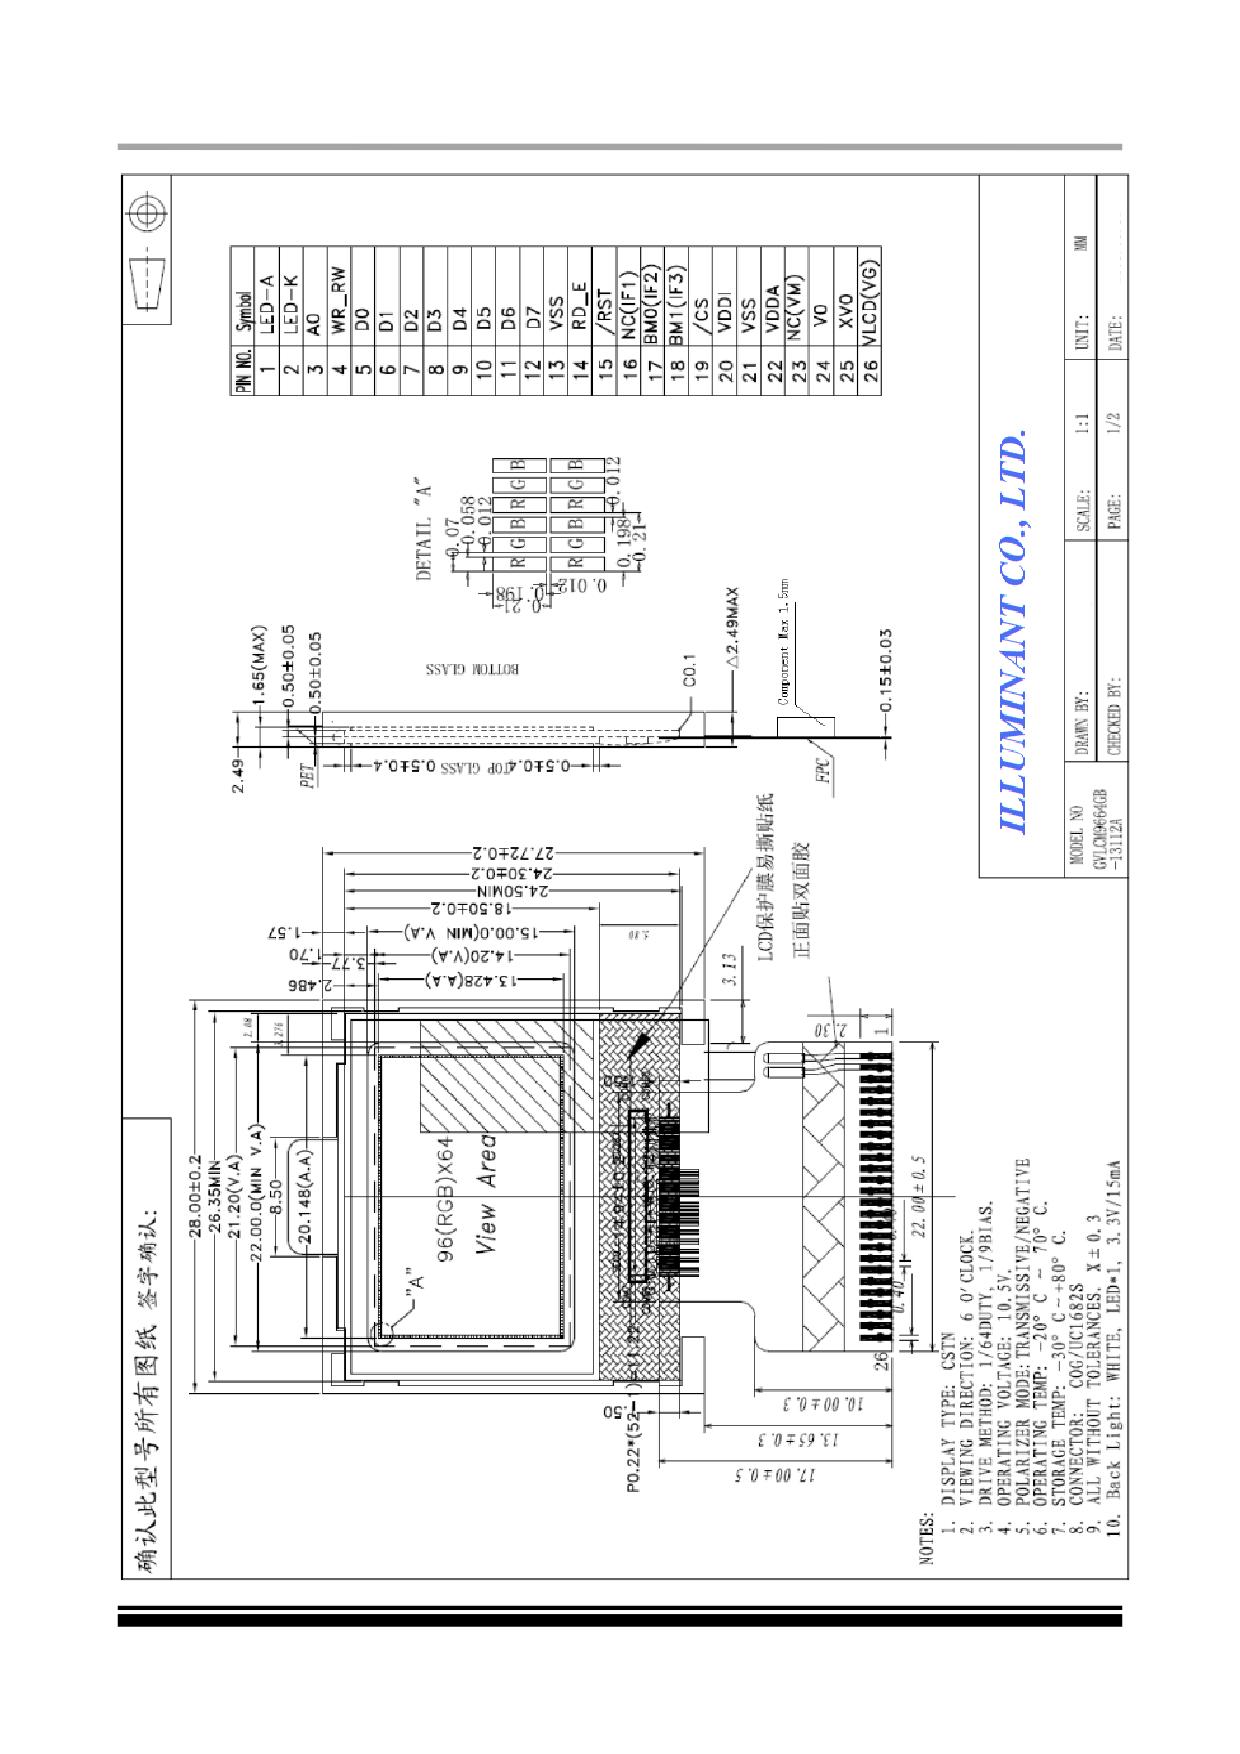 I1101-6TJN0906C pdf